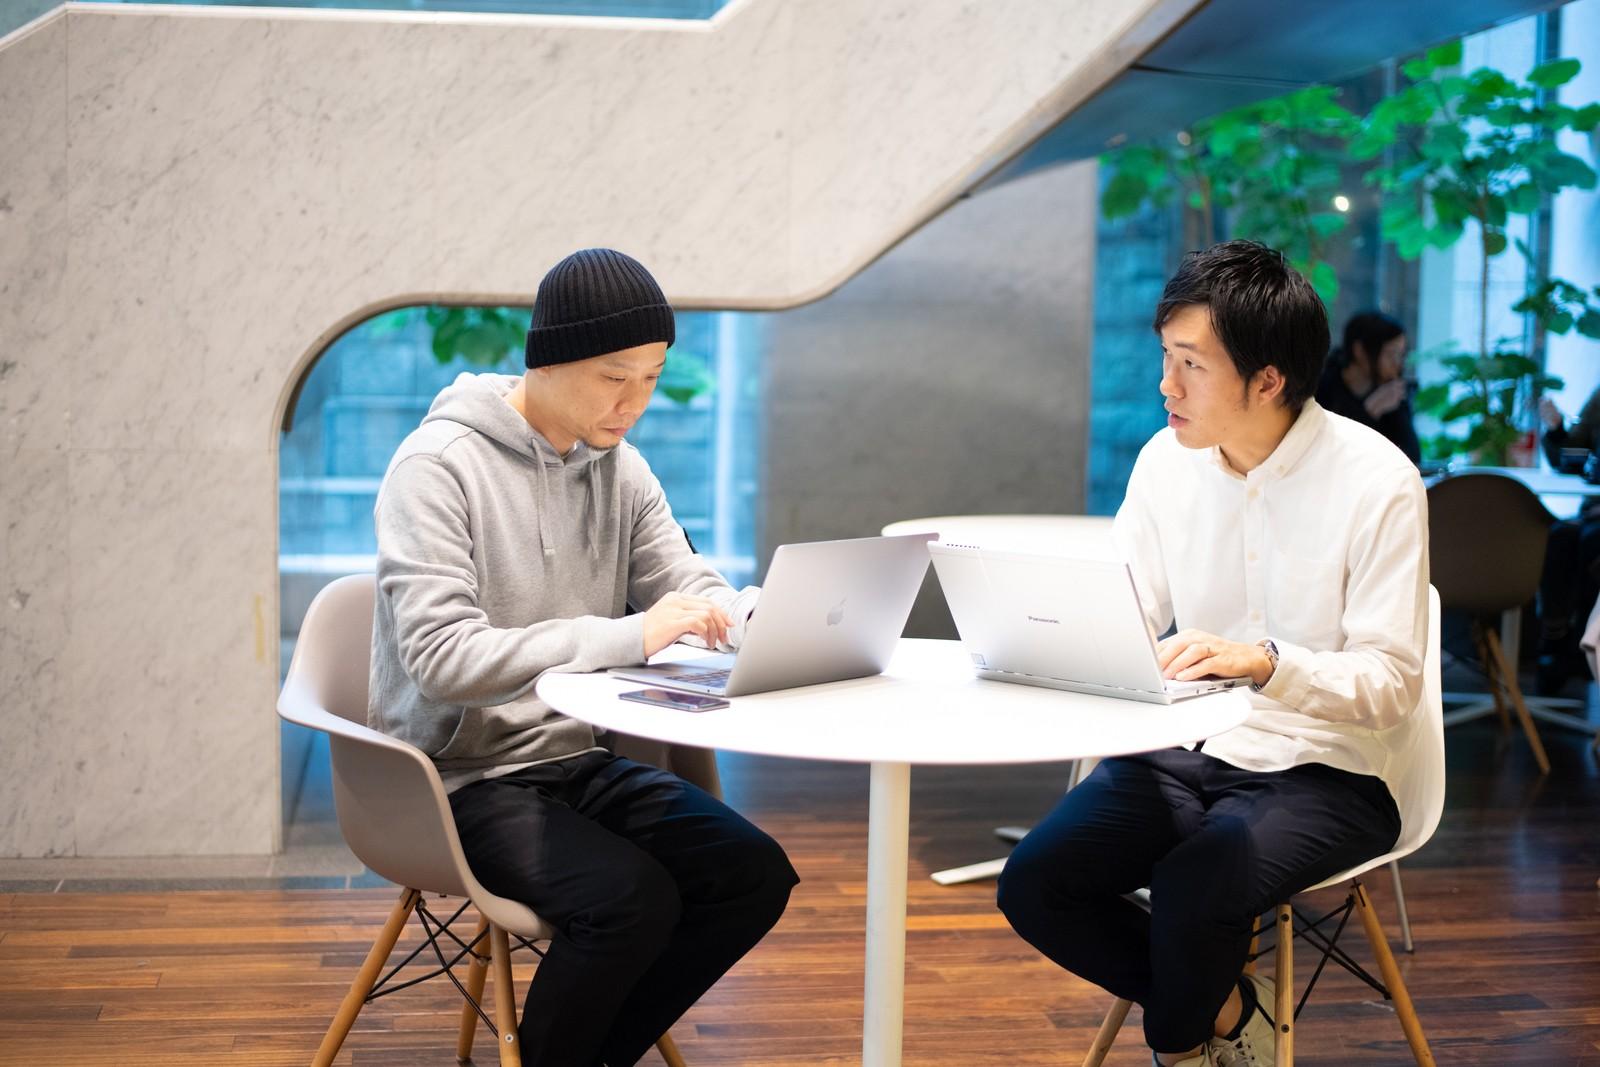 キャッシュレスを実現するFinTech企業!自社プロダクトに企画から携わるWebエンジニア募集